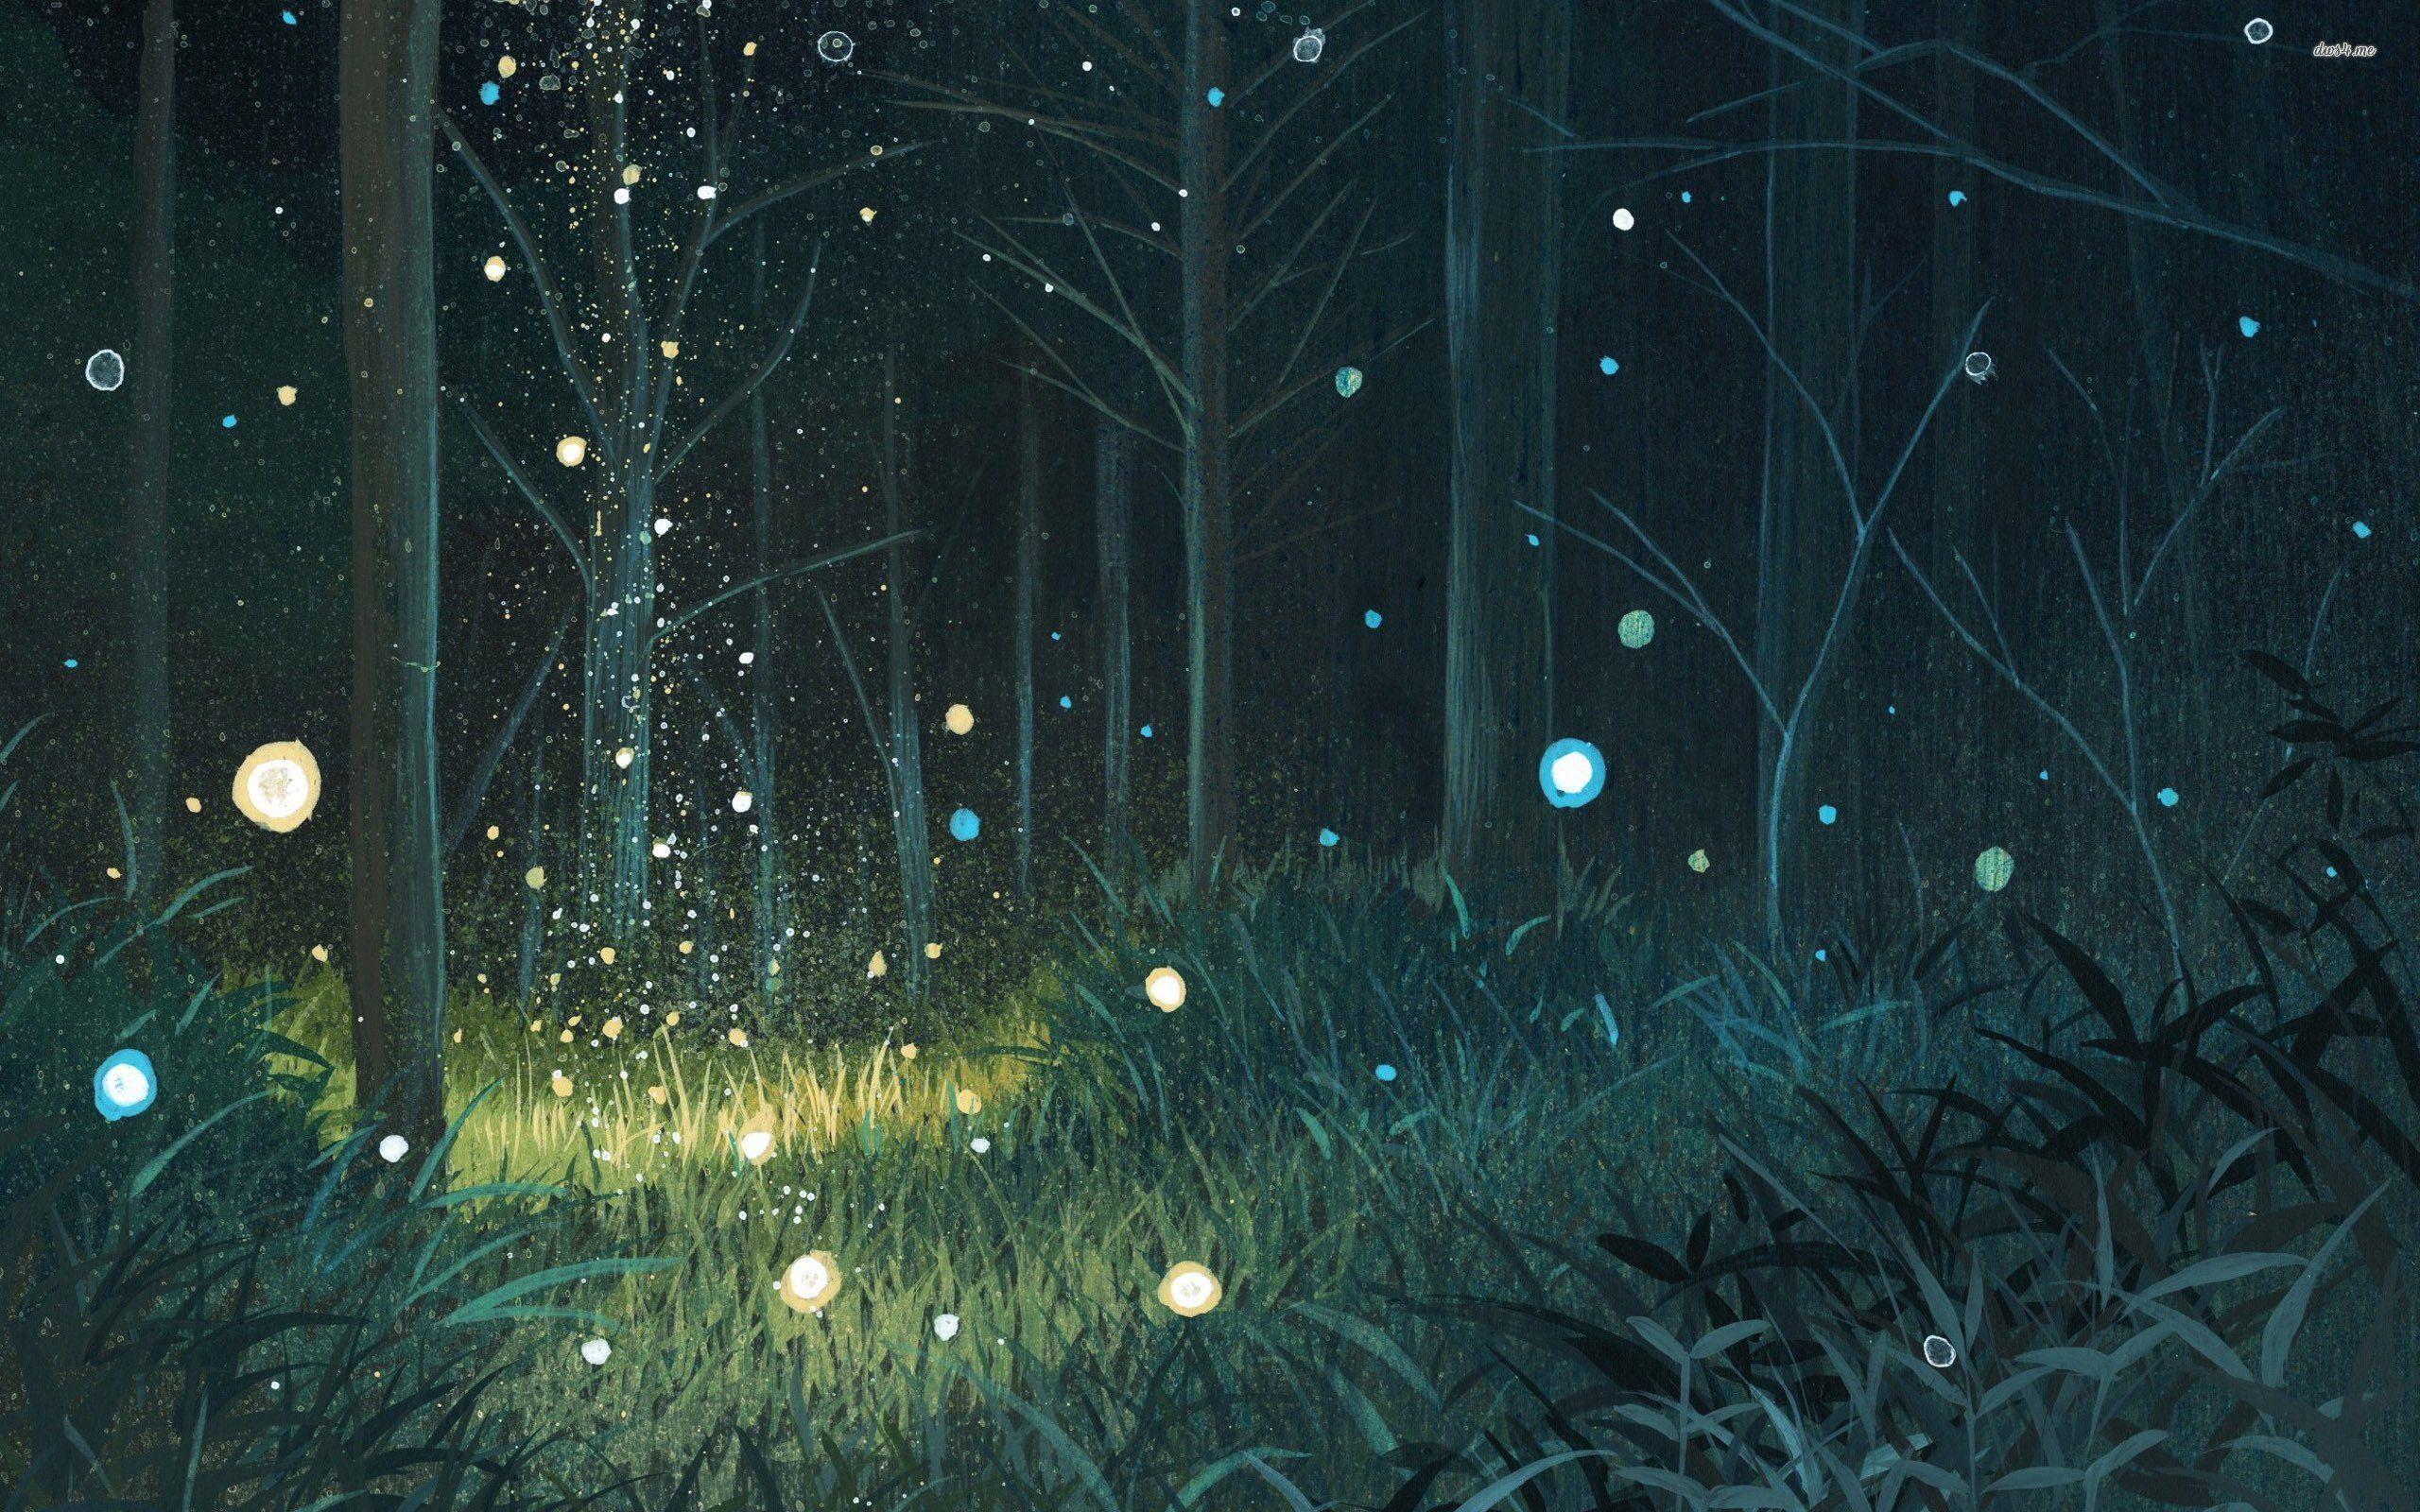 Forest Night Wallpaper » WallDevil Best free HD desktop